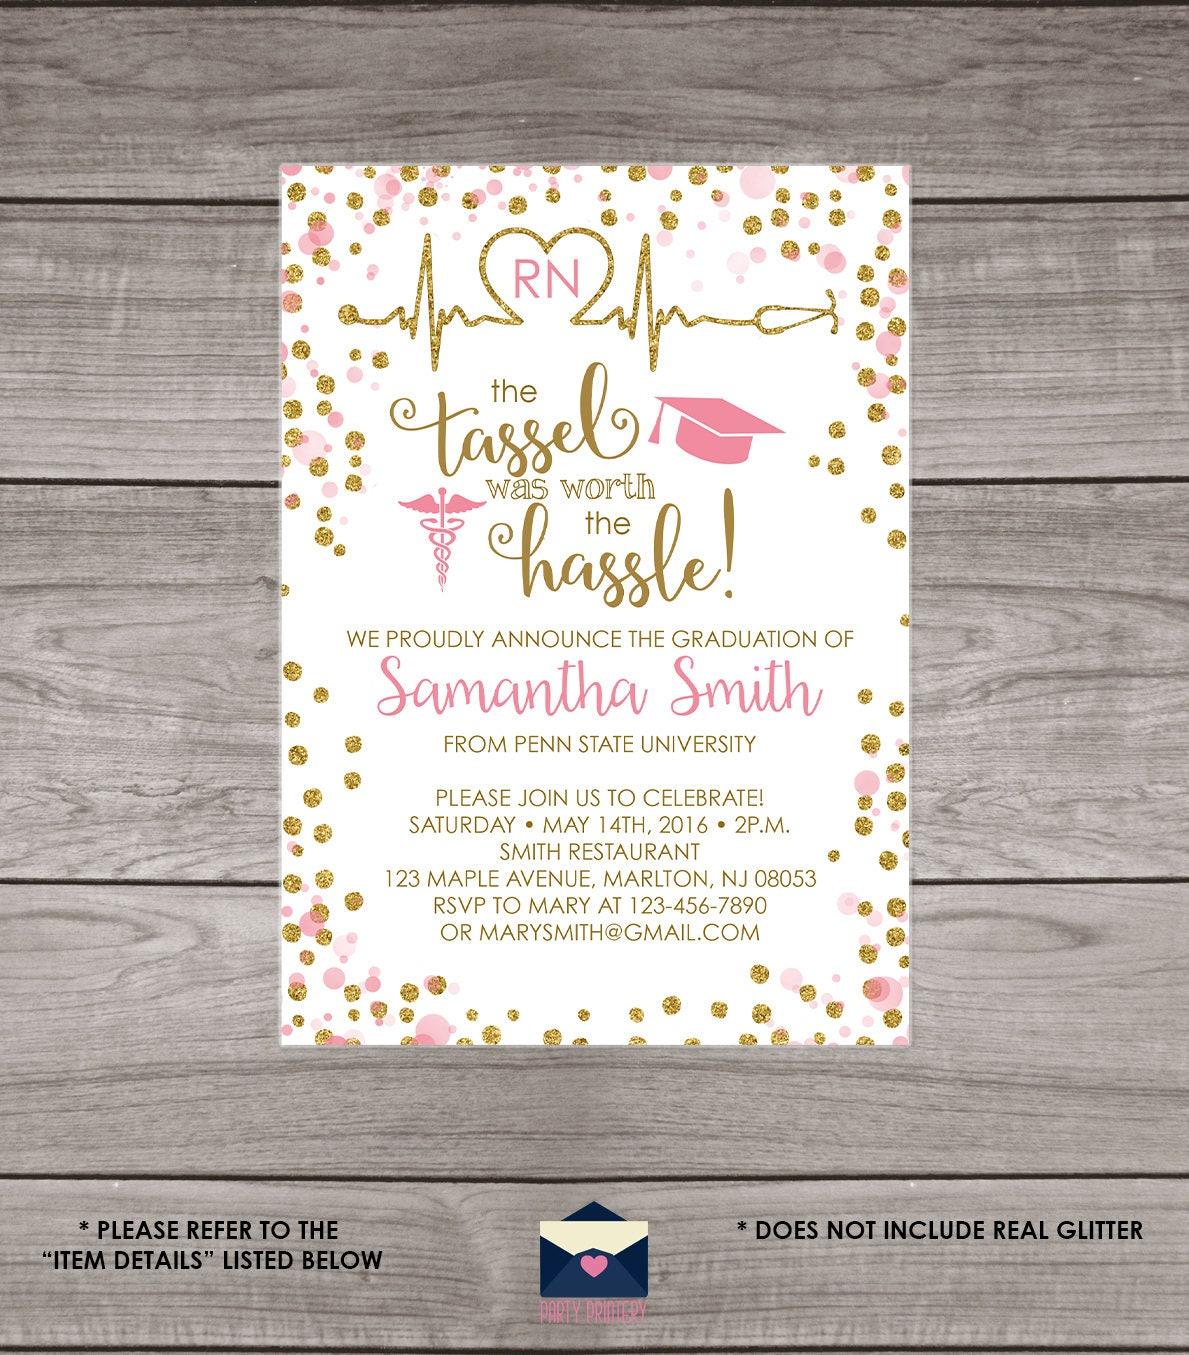 Nursing School Graduation Invitations order wedding invitations – Nursing School Graduation Invitations